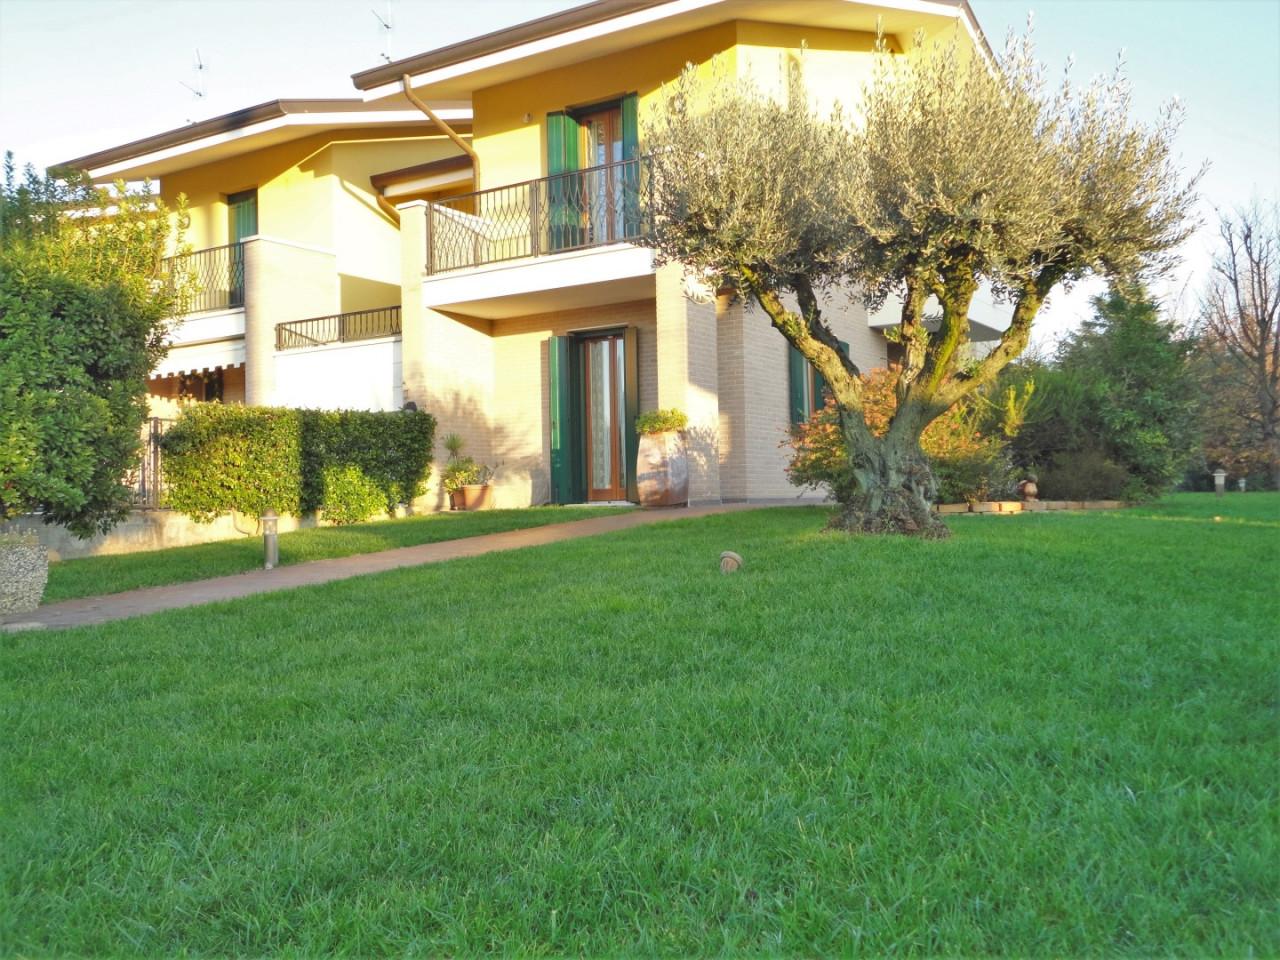 C499 Splendida porzione di testa con giardino di 1.000 mq in vendita ad Abano Terme https://media.gestionaleimmobiliare.it/foto/annunci/191129/2115917/1280x1280/000__1_esterno_ovest.jpg